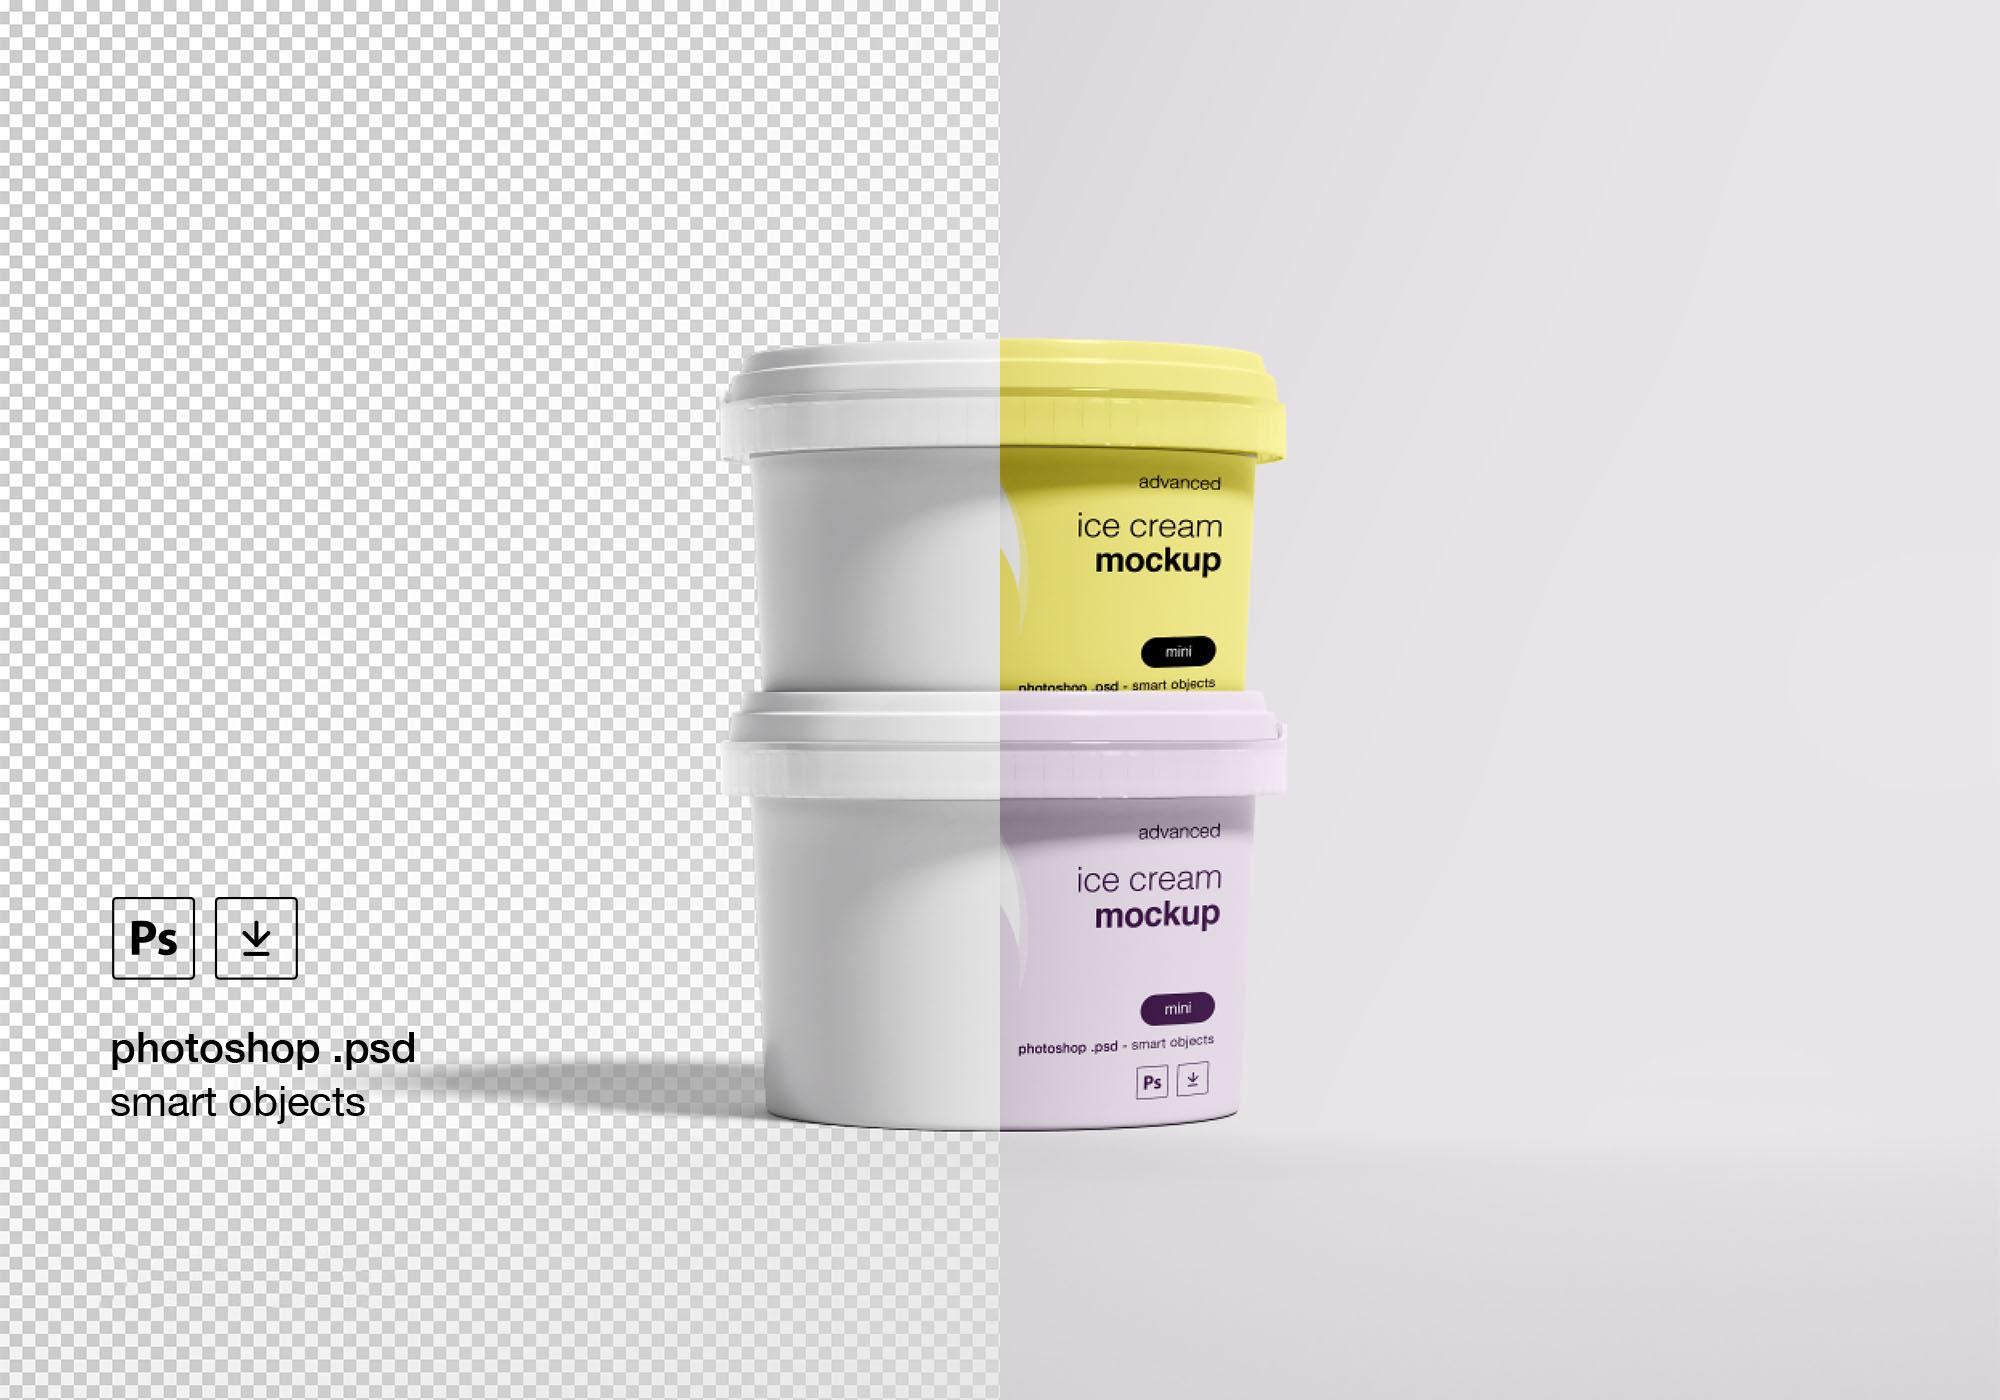 冰激凌蛋卷雪糕包装样机PSD智能贴图模板 Ice Cream Package Mockup插图1